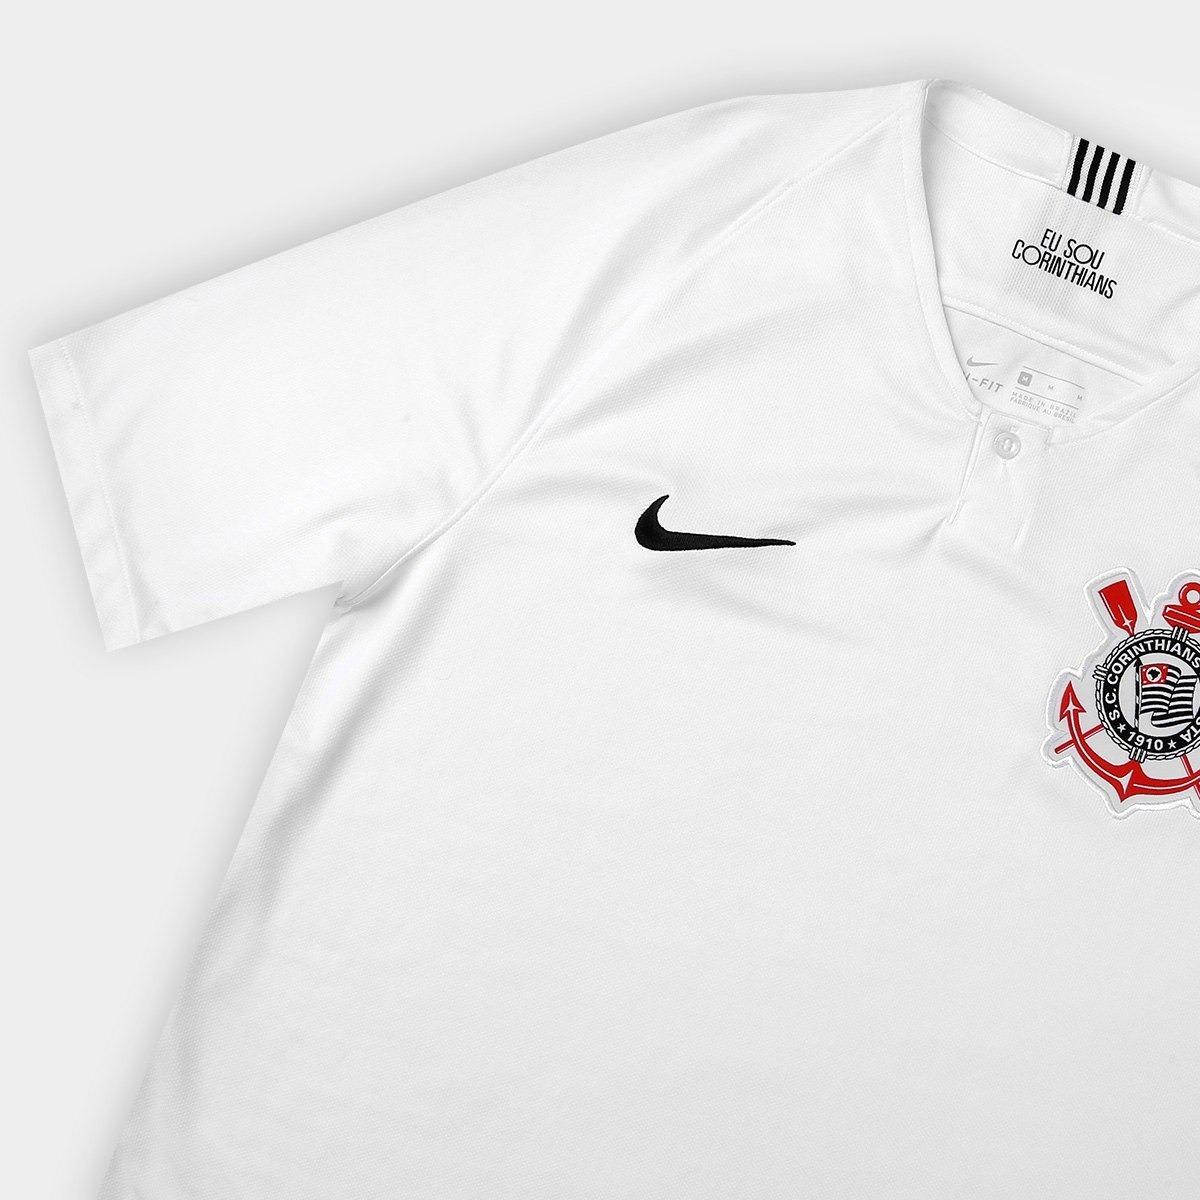 3cb97d66eb camisa i branca oficial nike corinthians 2018 torcedor timão. Carregando  zoom.